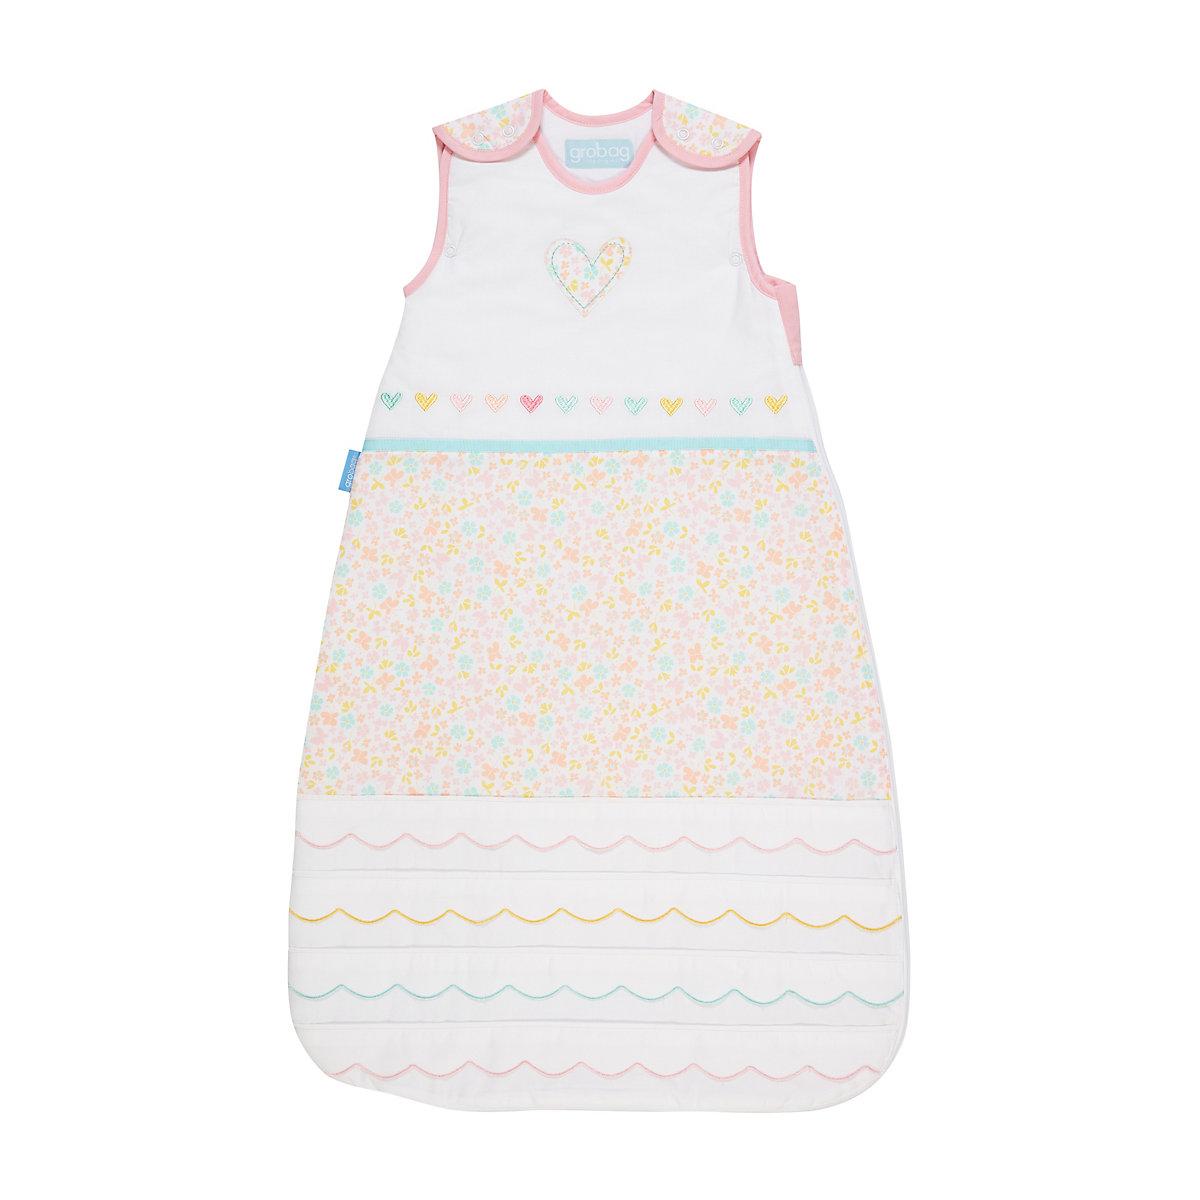 Grobag dolls house sleep bag 2.5 tog *exclusive to mothercare*